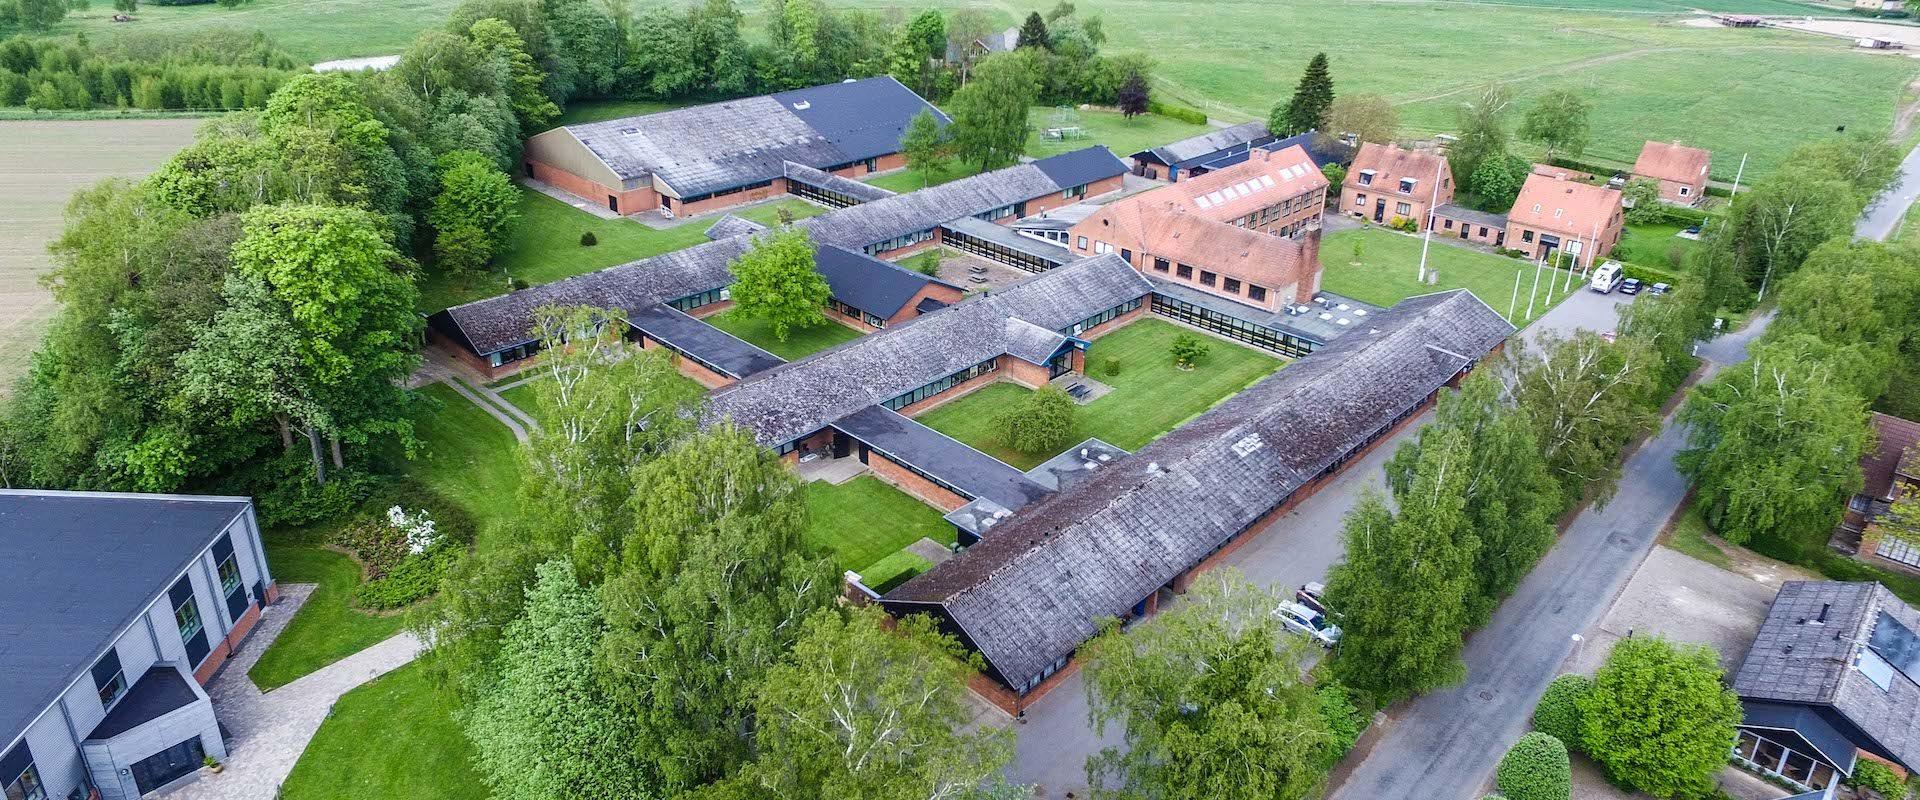 Oversigt over Sorø Gymnastikefterskole